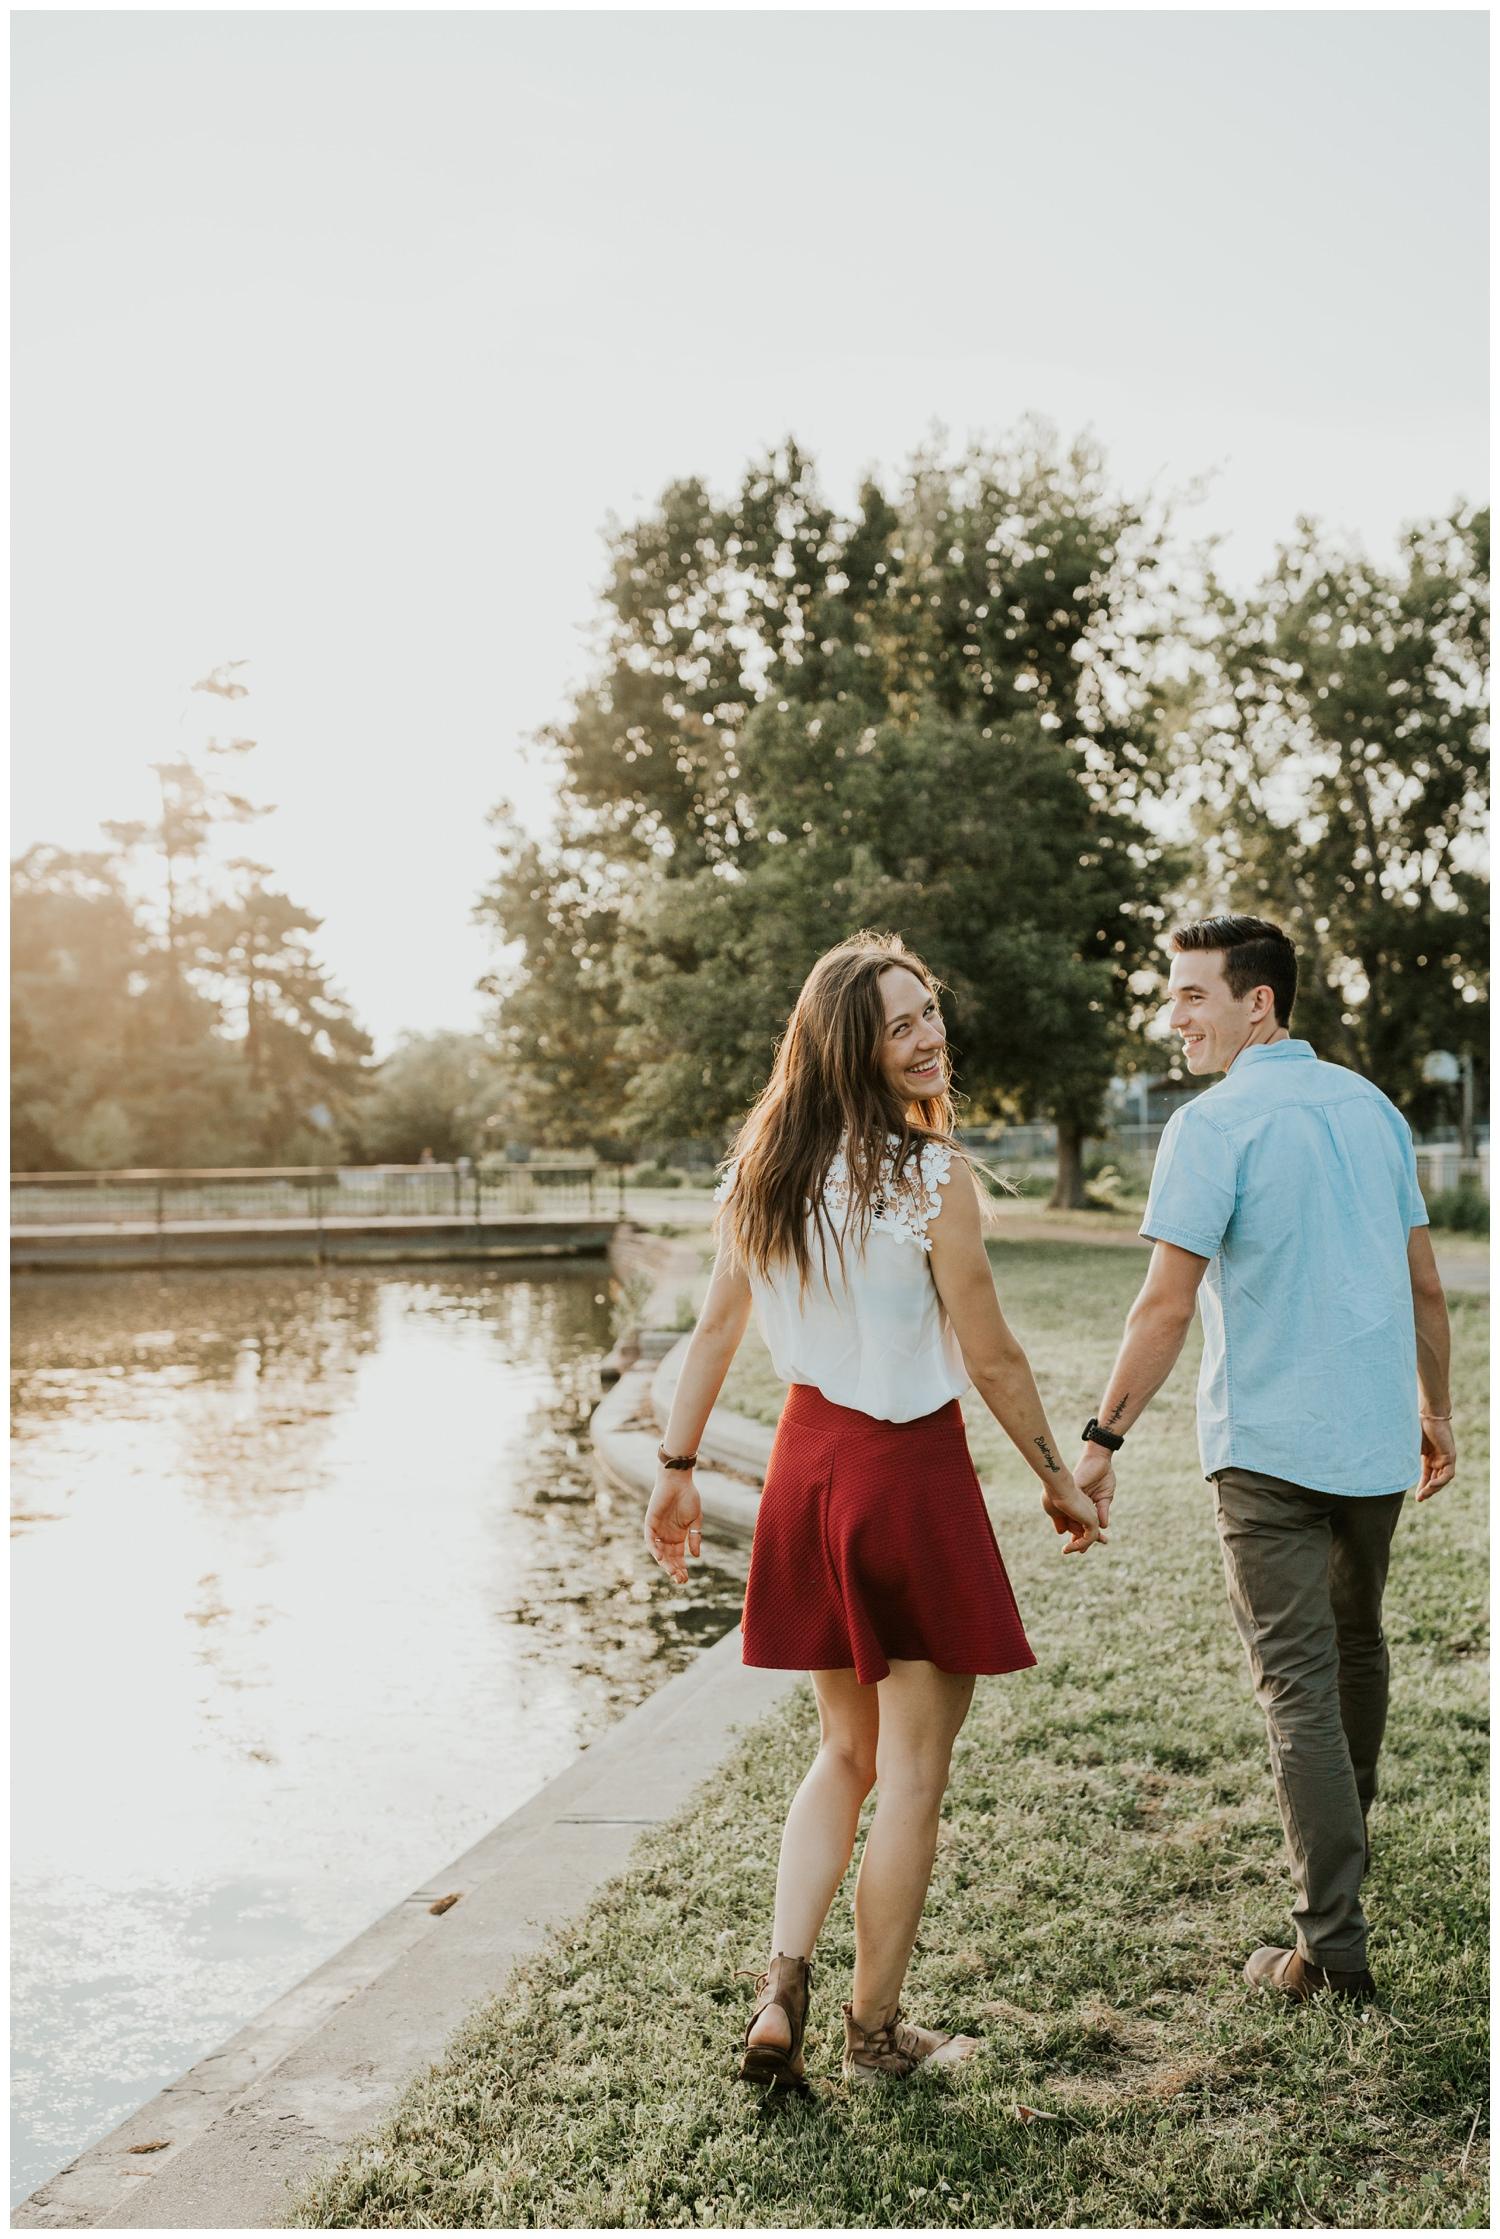 MatthewLaurel-WashPark-Engagement_0017.jpg